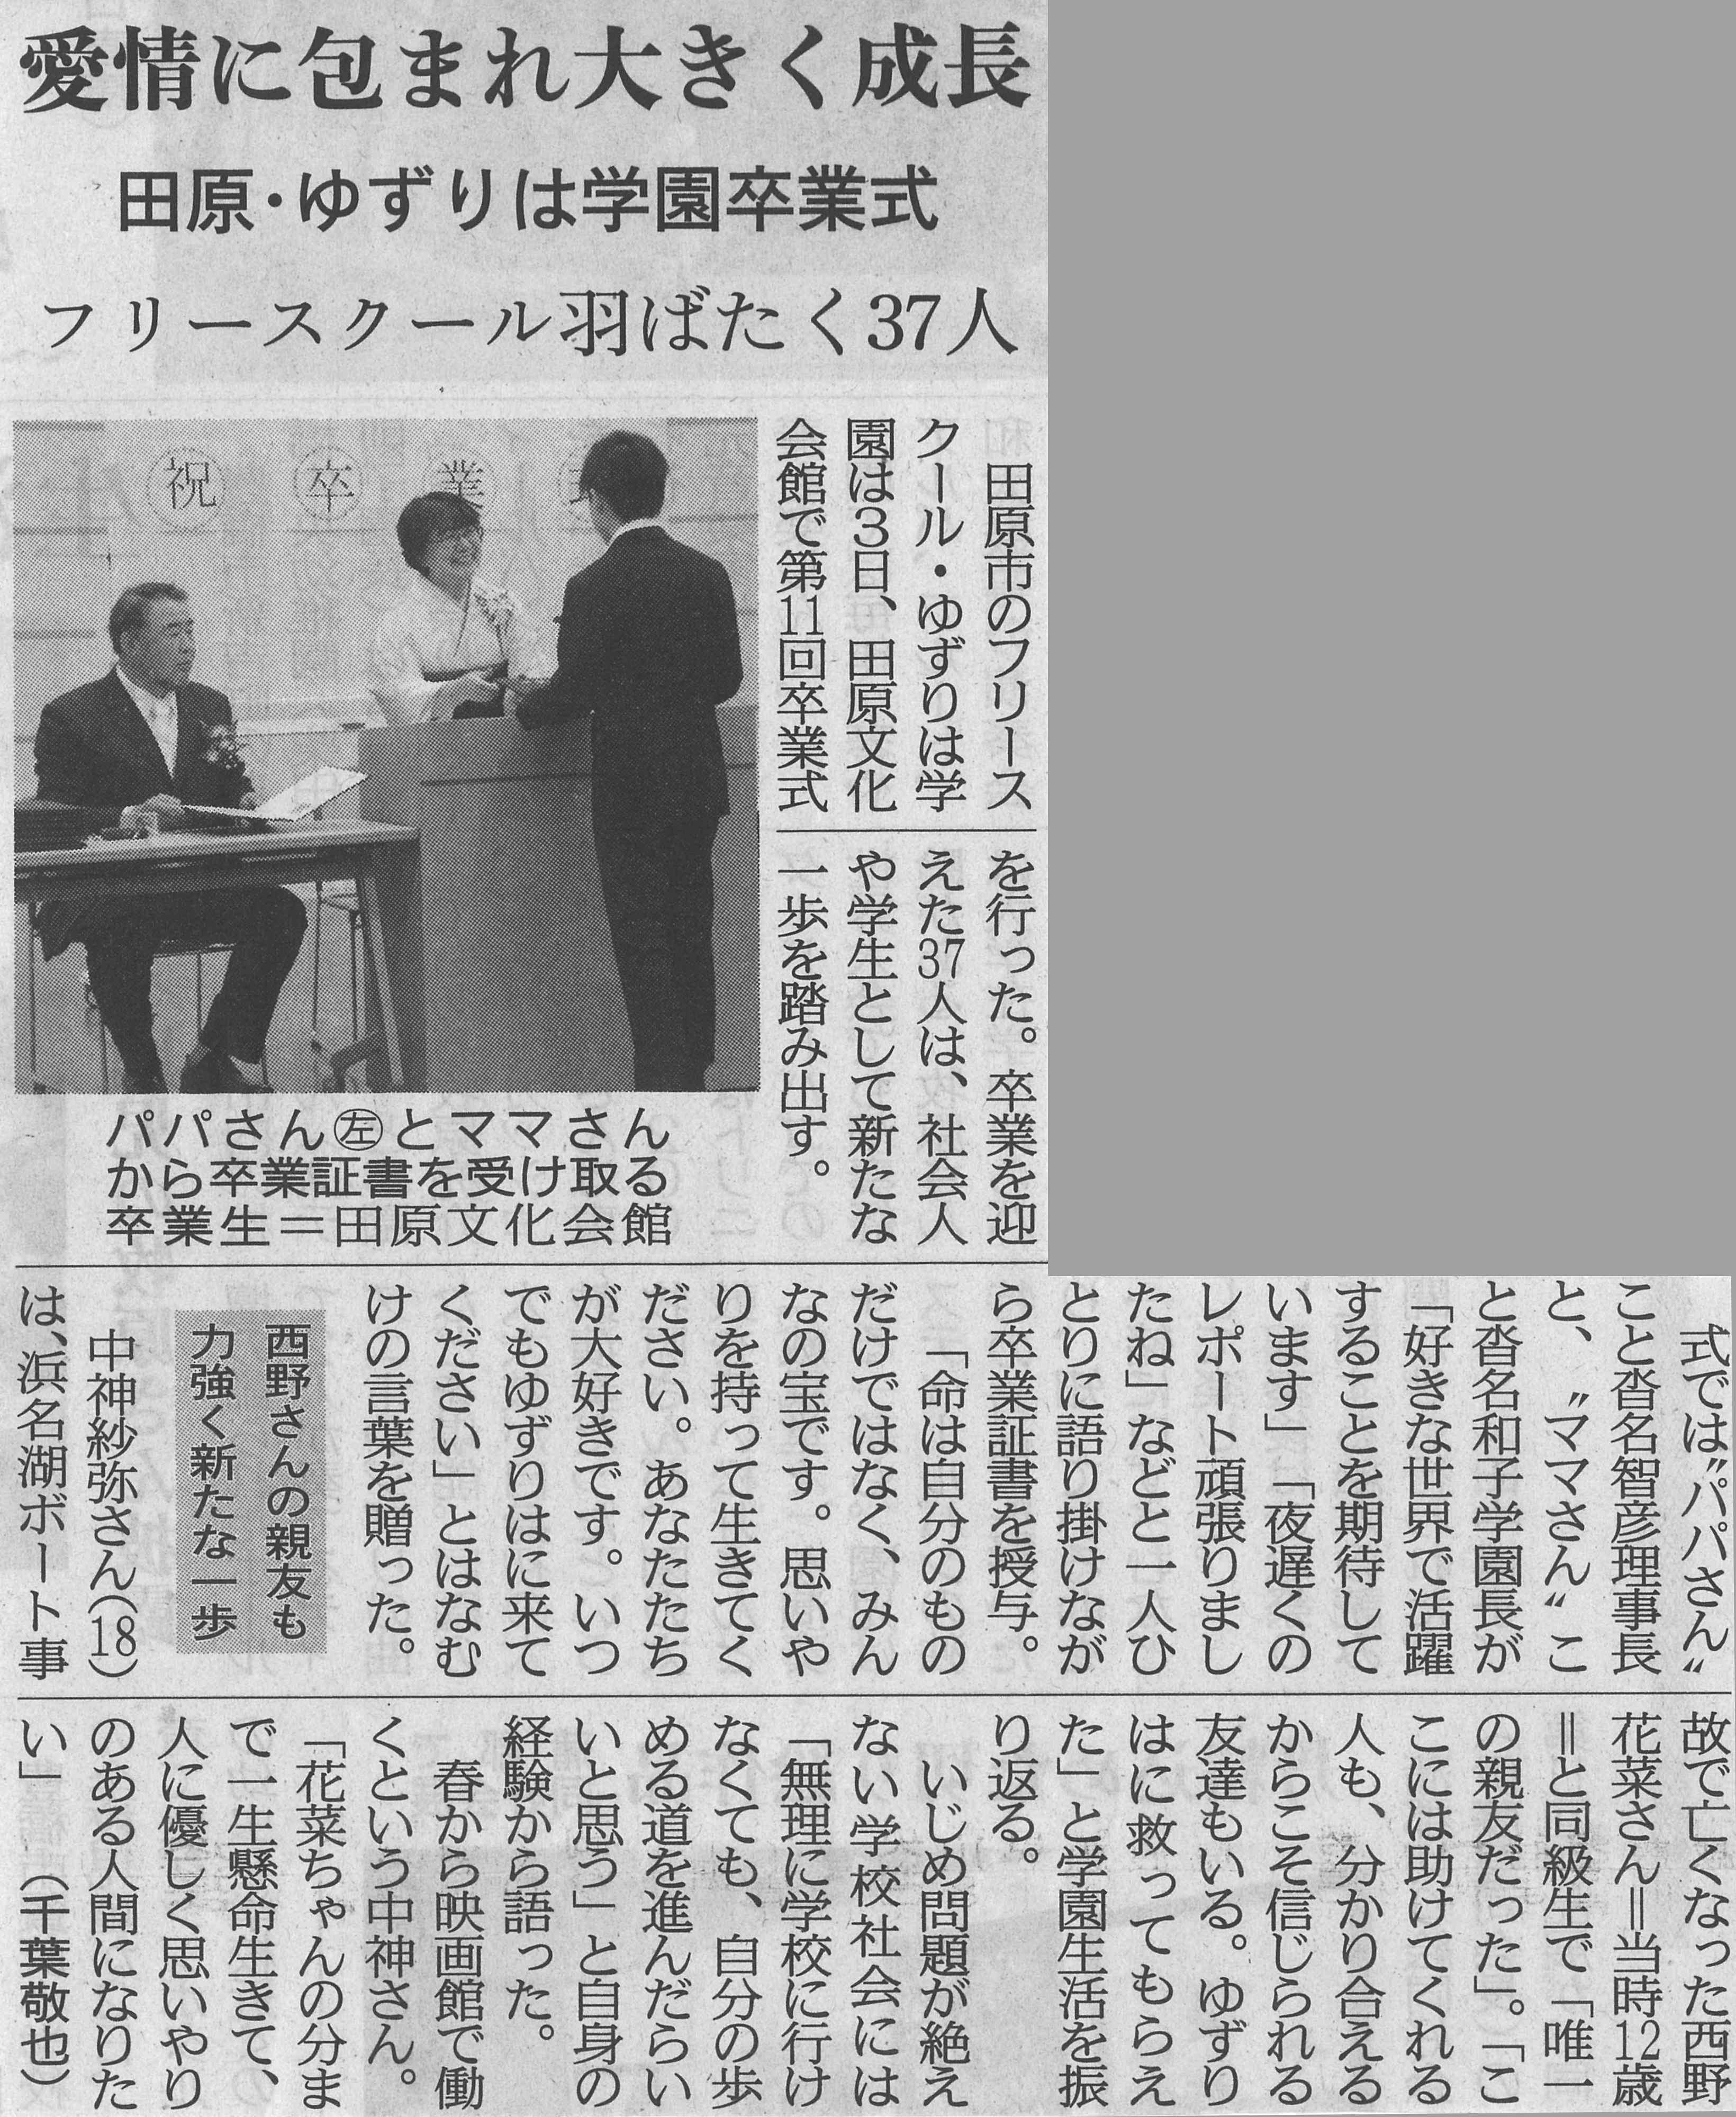 026_ 東愛知新聞掲載「愛情に包まれ大きく成長」